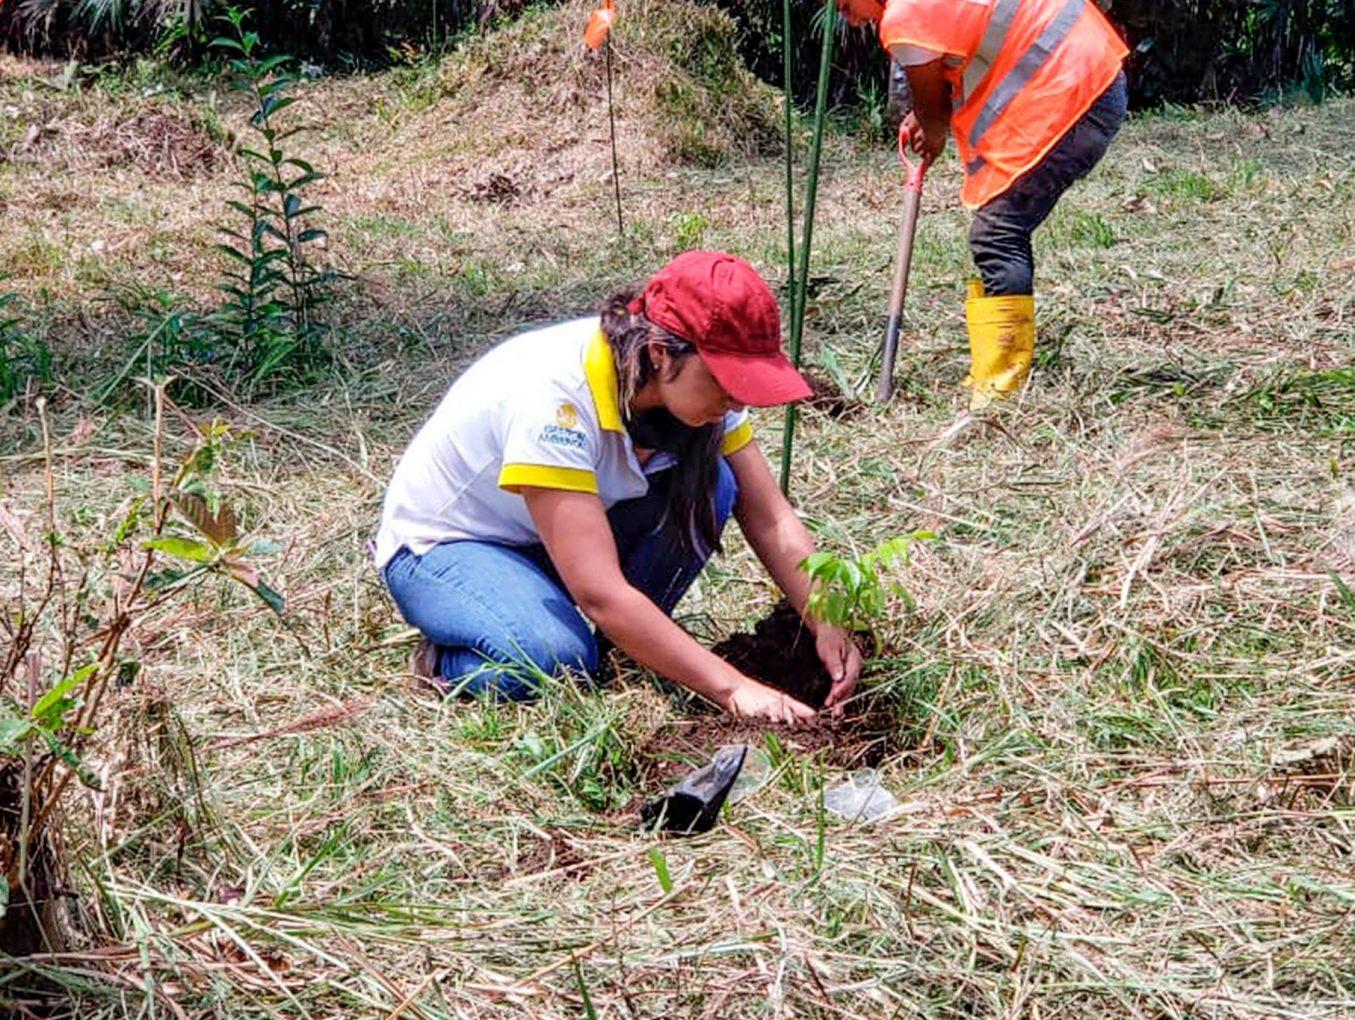 ¡Trabajamos en la conservación medio ambiental mediante la reforestación!